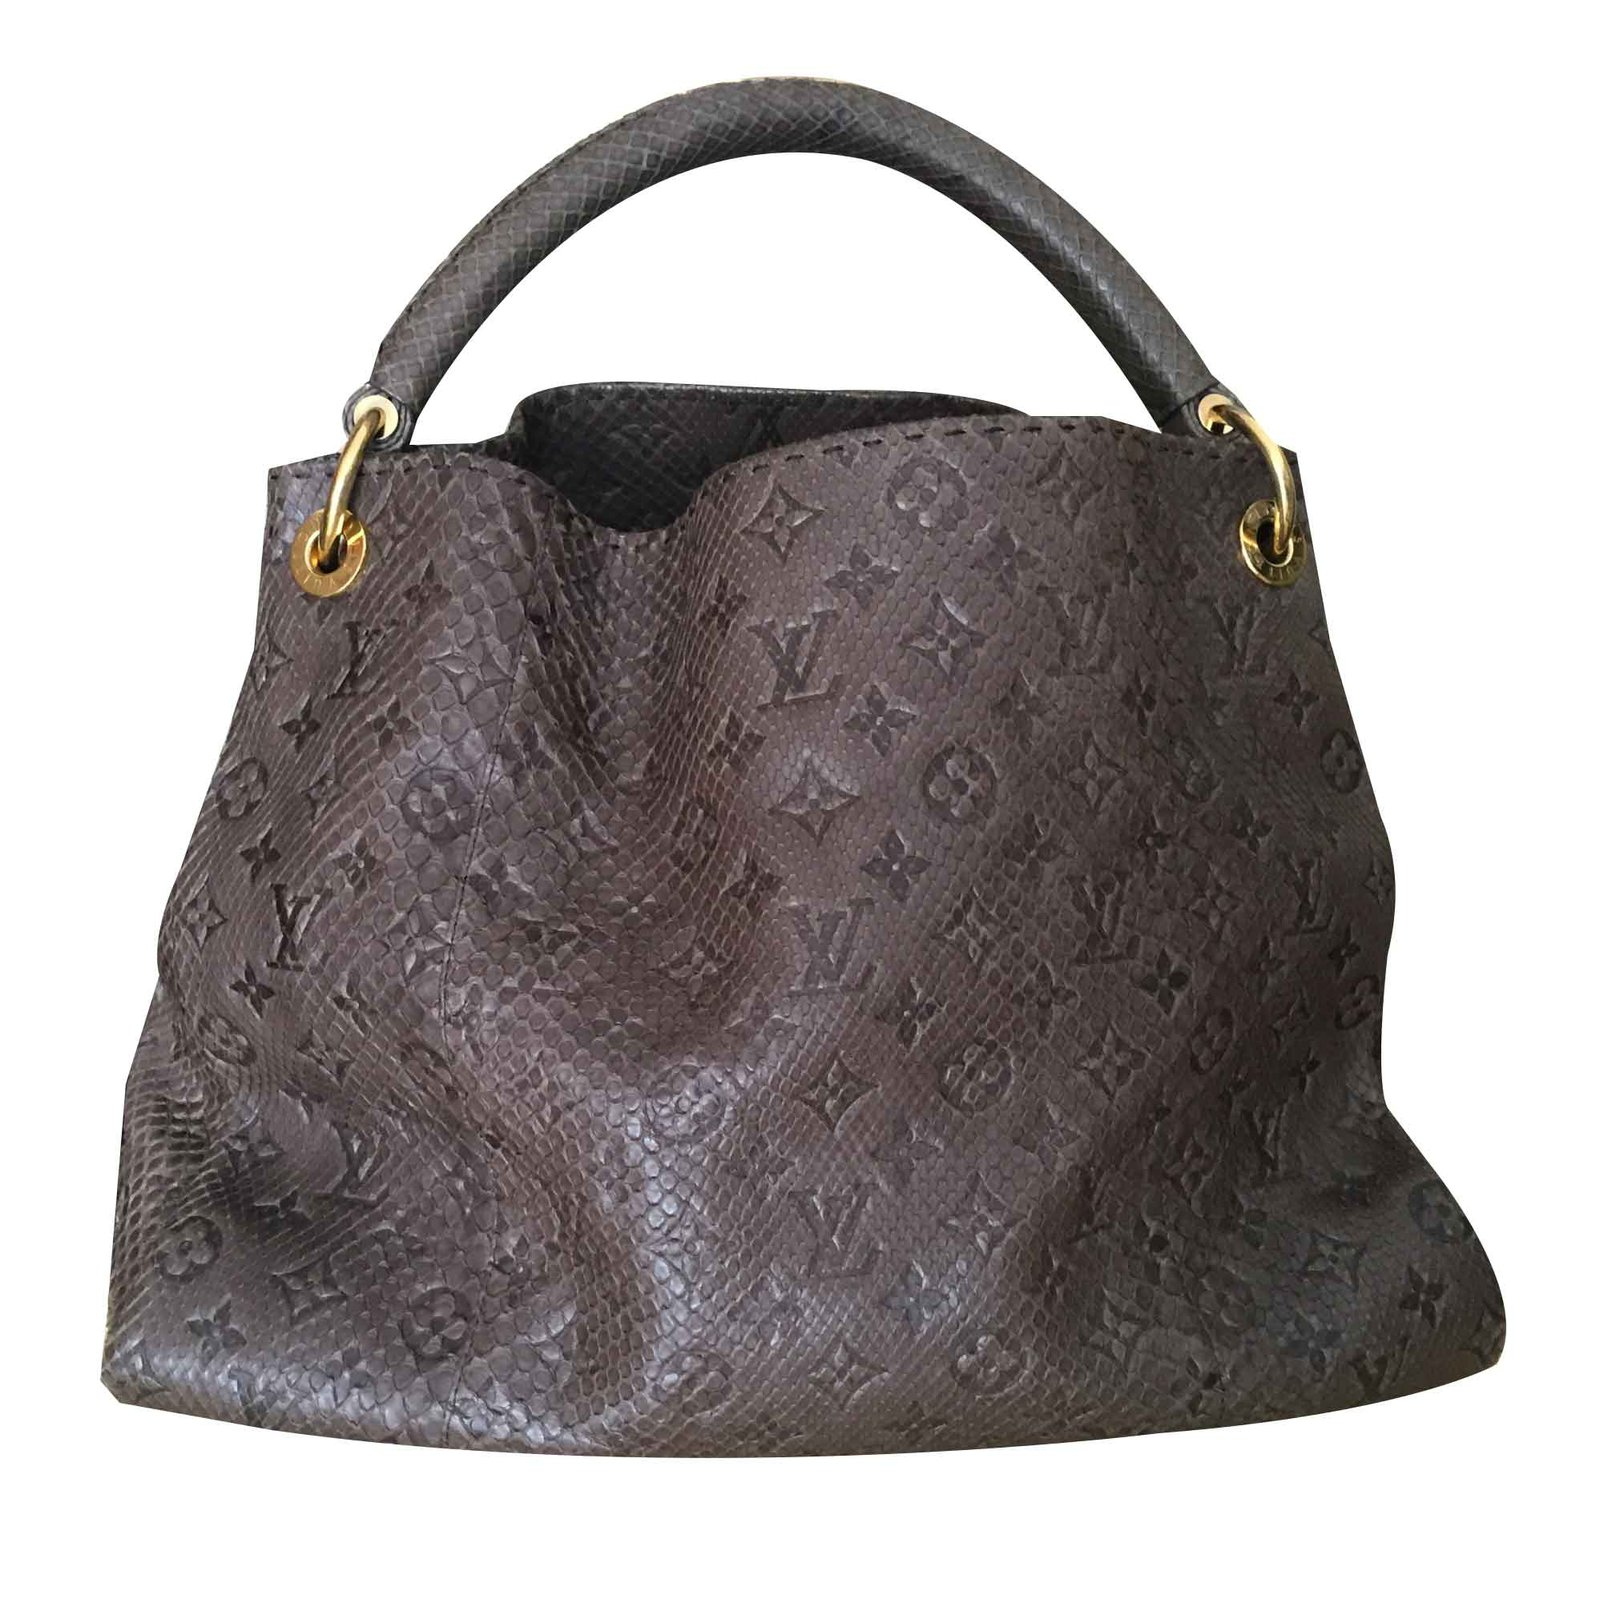 67608fa1d507 Louis Vuitton Louis Vuitton Gris Brown Monogram Python Artsy MM ...